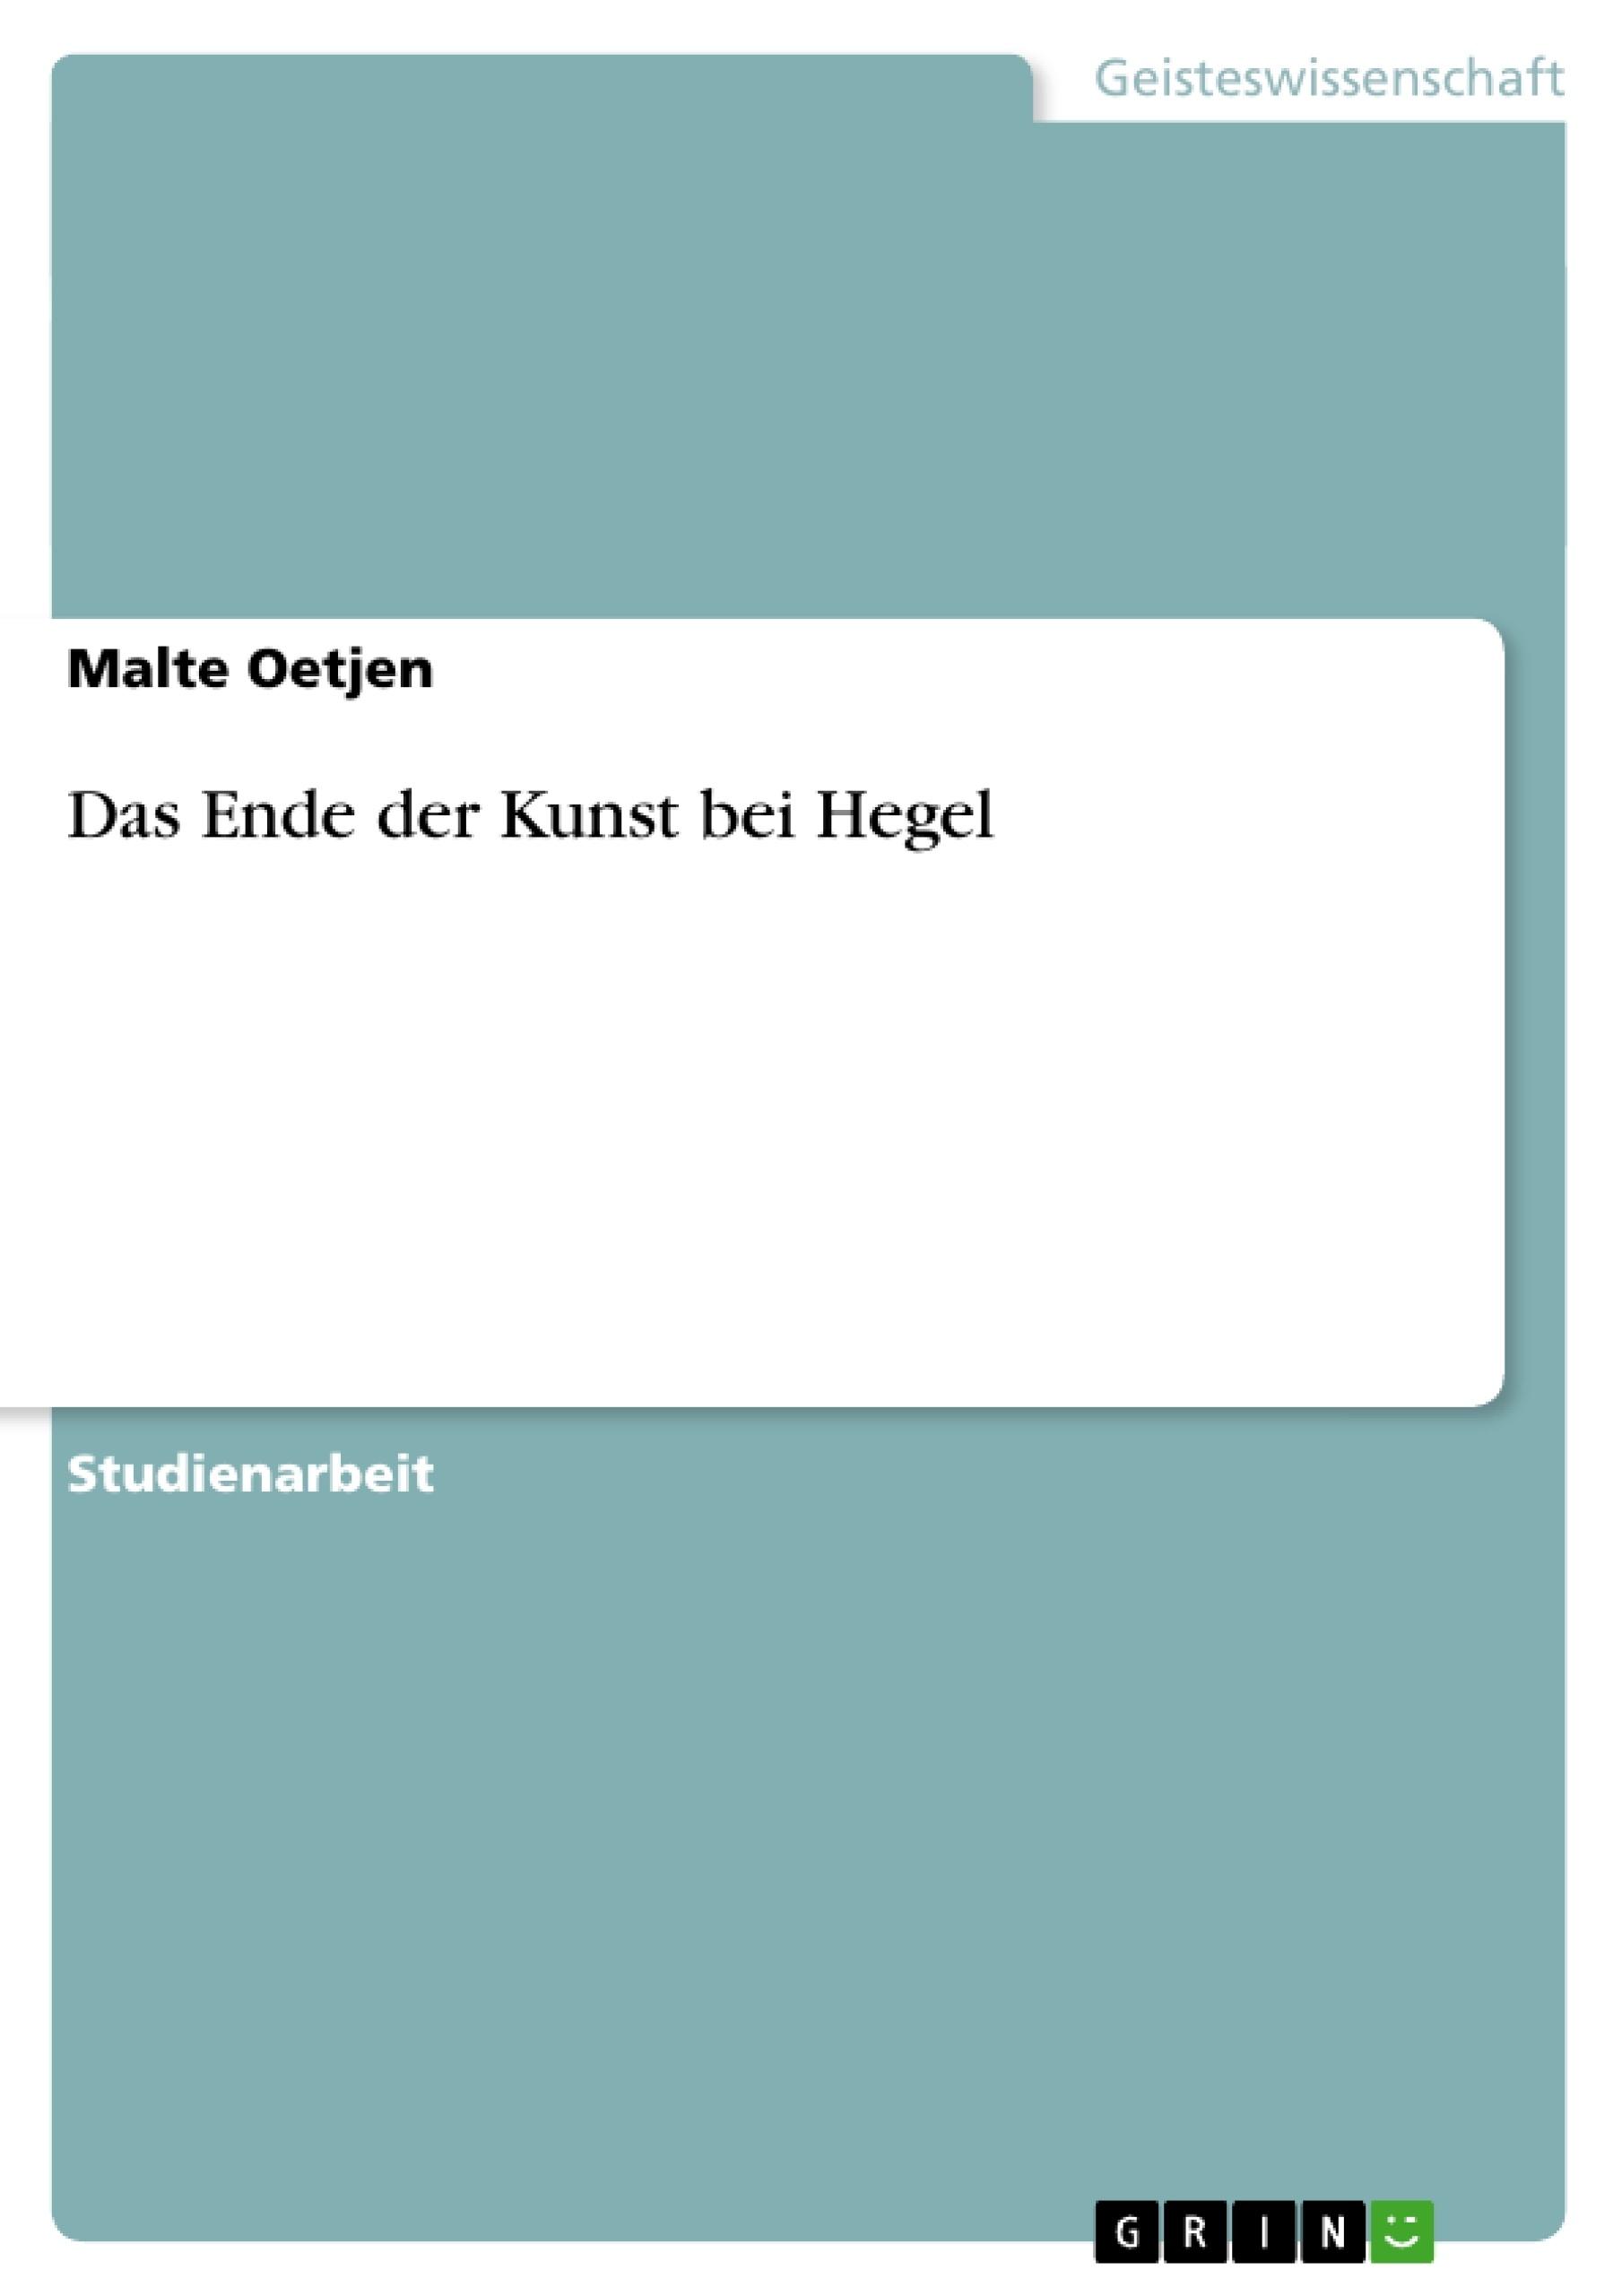 Titel: Das Ende der Kunst bei Hegel